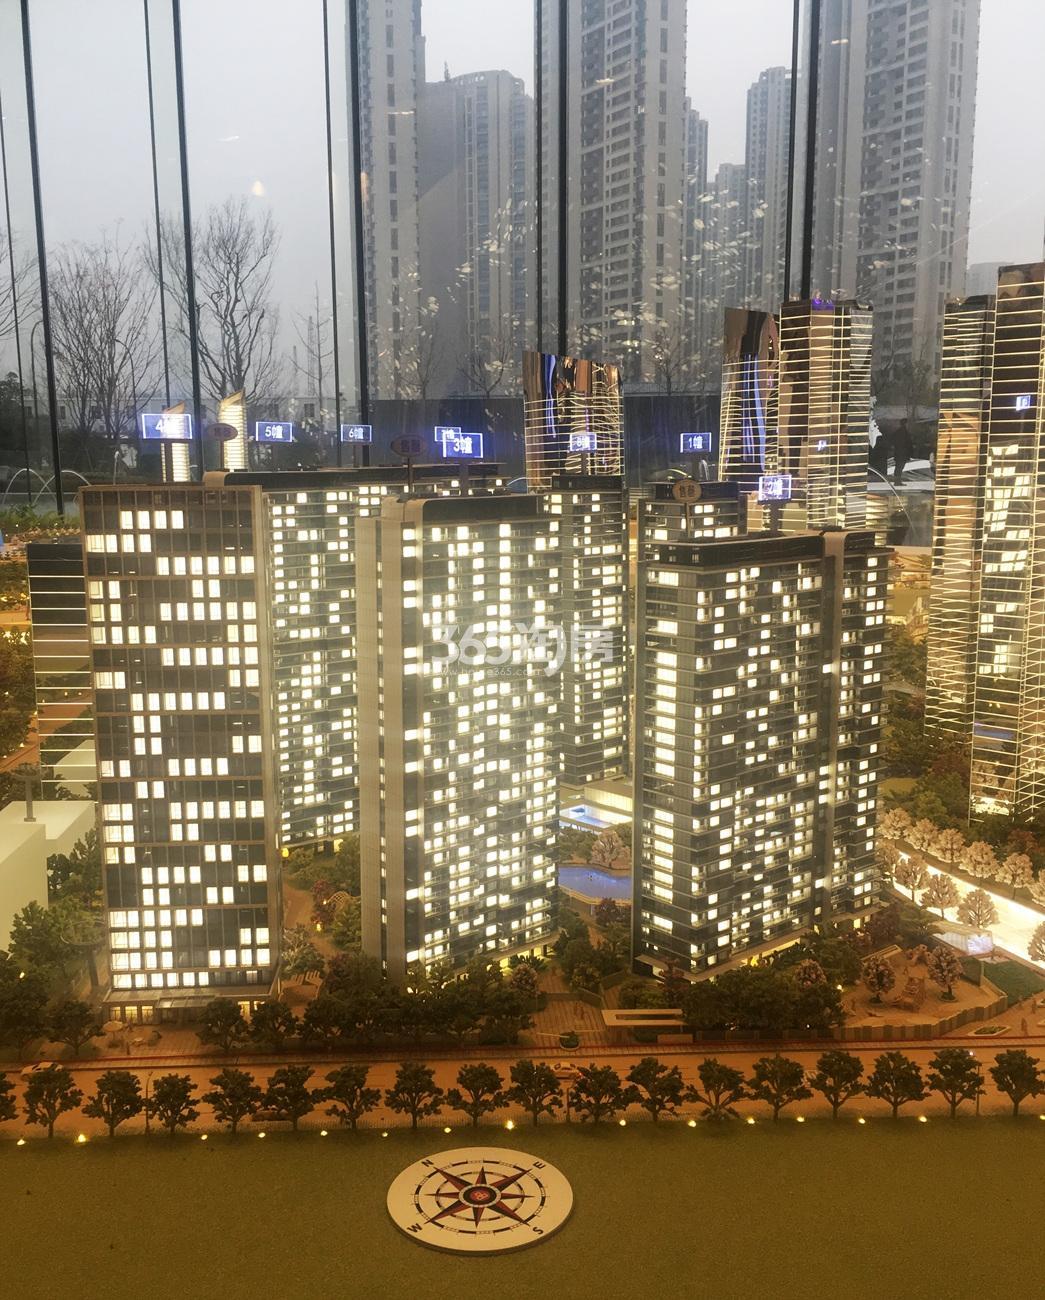 2018年1月信达中心|杭州壹号院售楼处沙盘